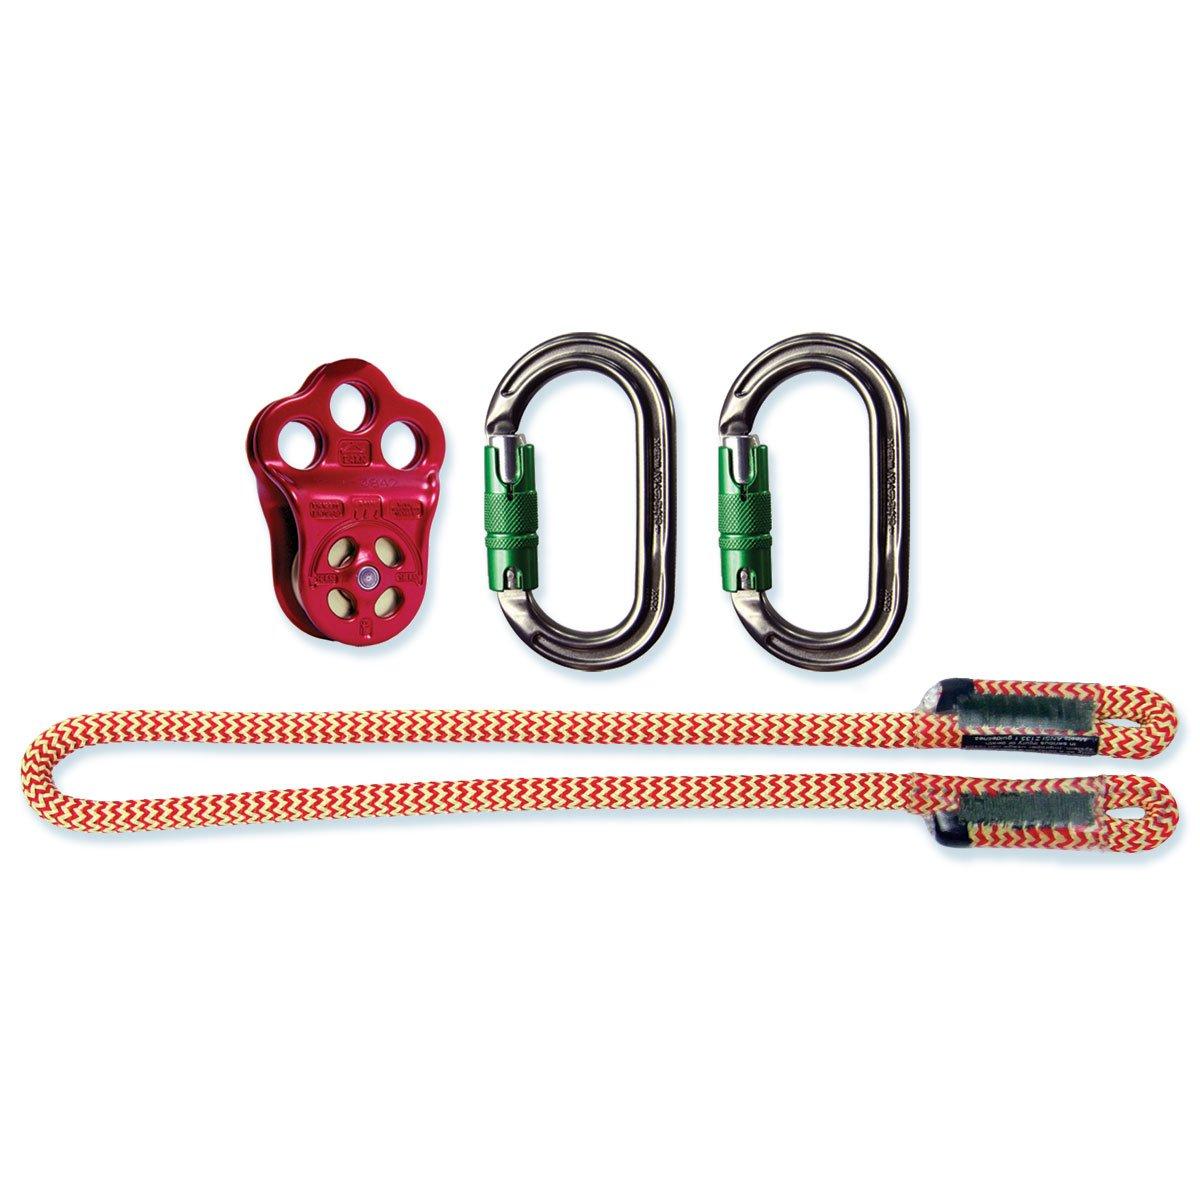 DMM ヒッチクライマープーリーセット - 1/2インチ ロープ (2個セット)   B07CP2YKC7